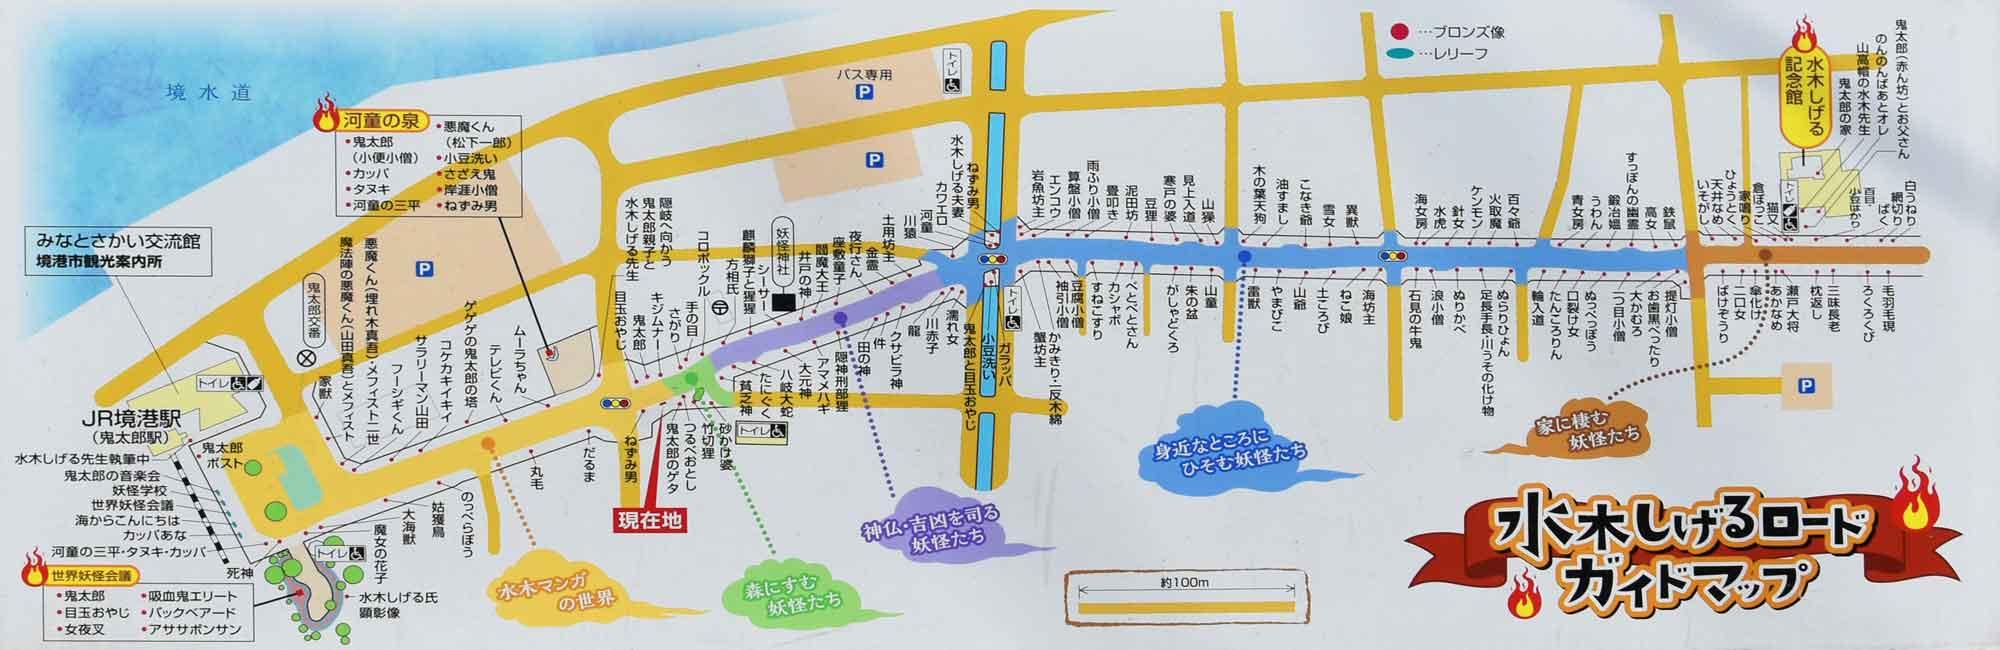 sakaiminato-2019-shigeru-road-plan-statues